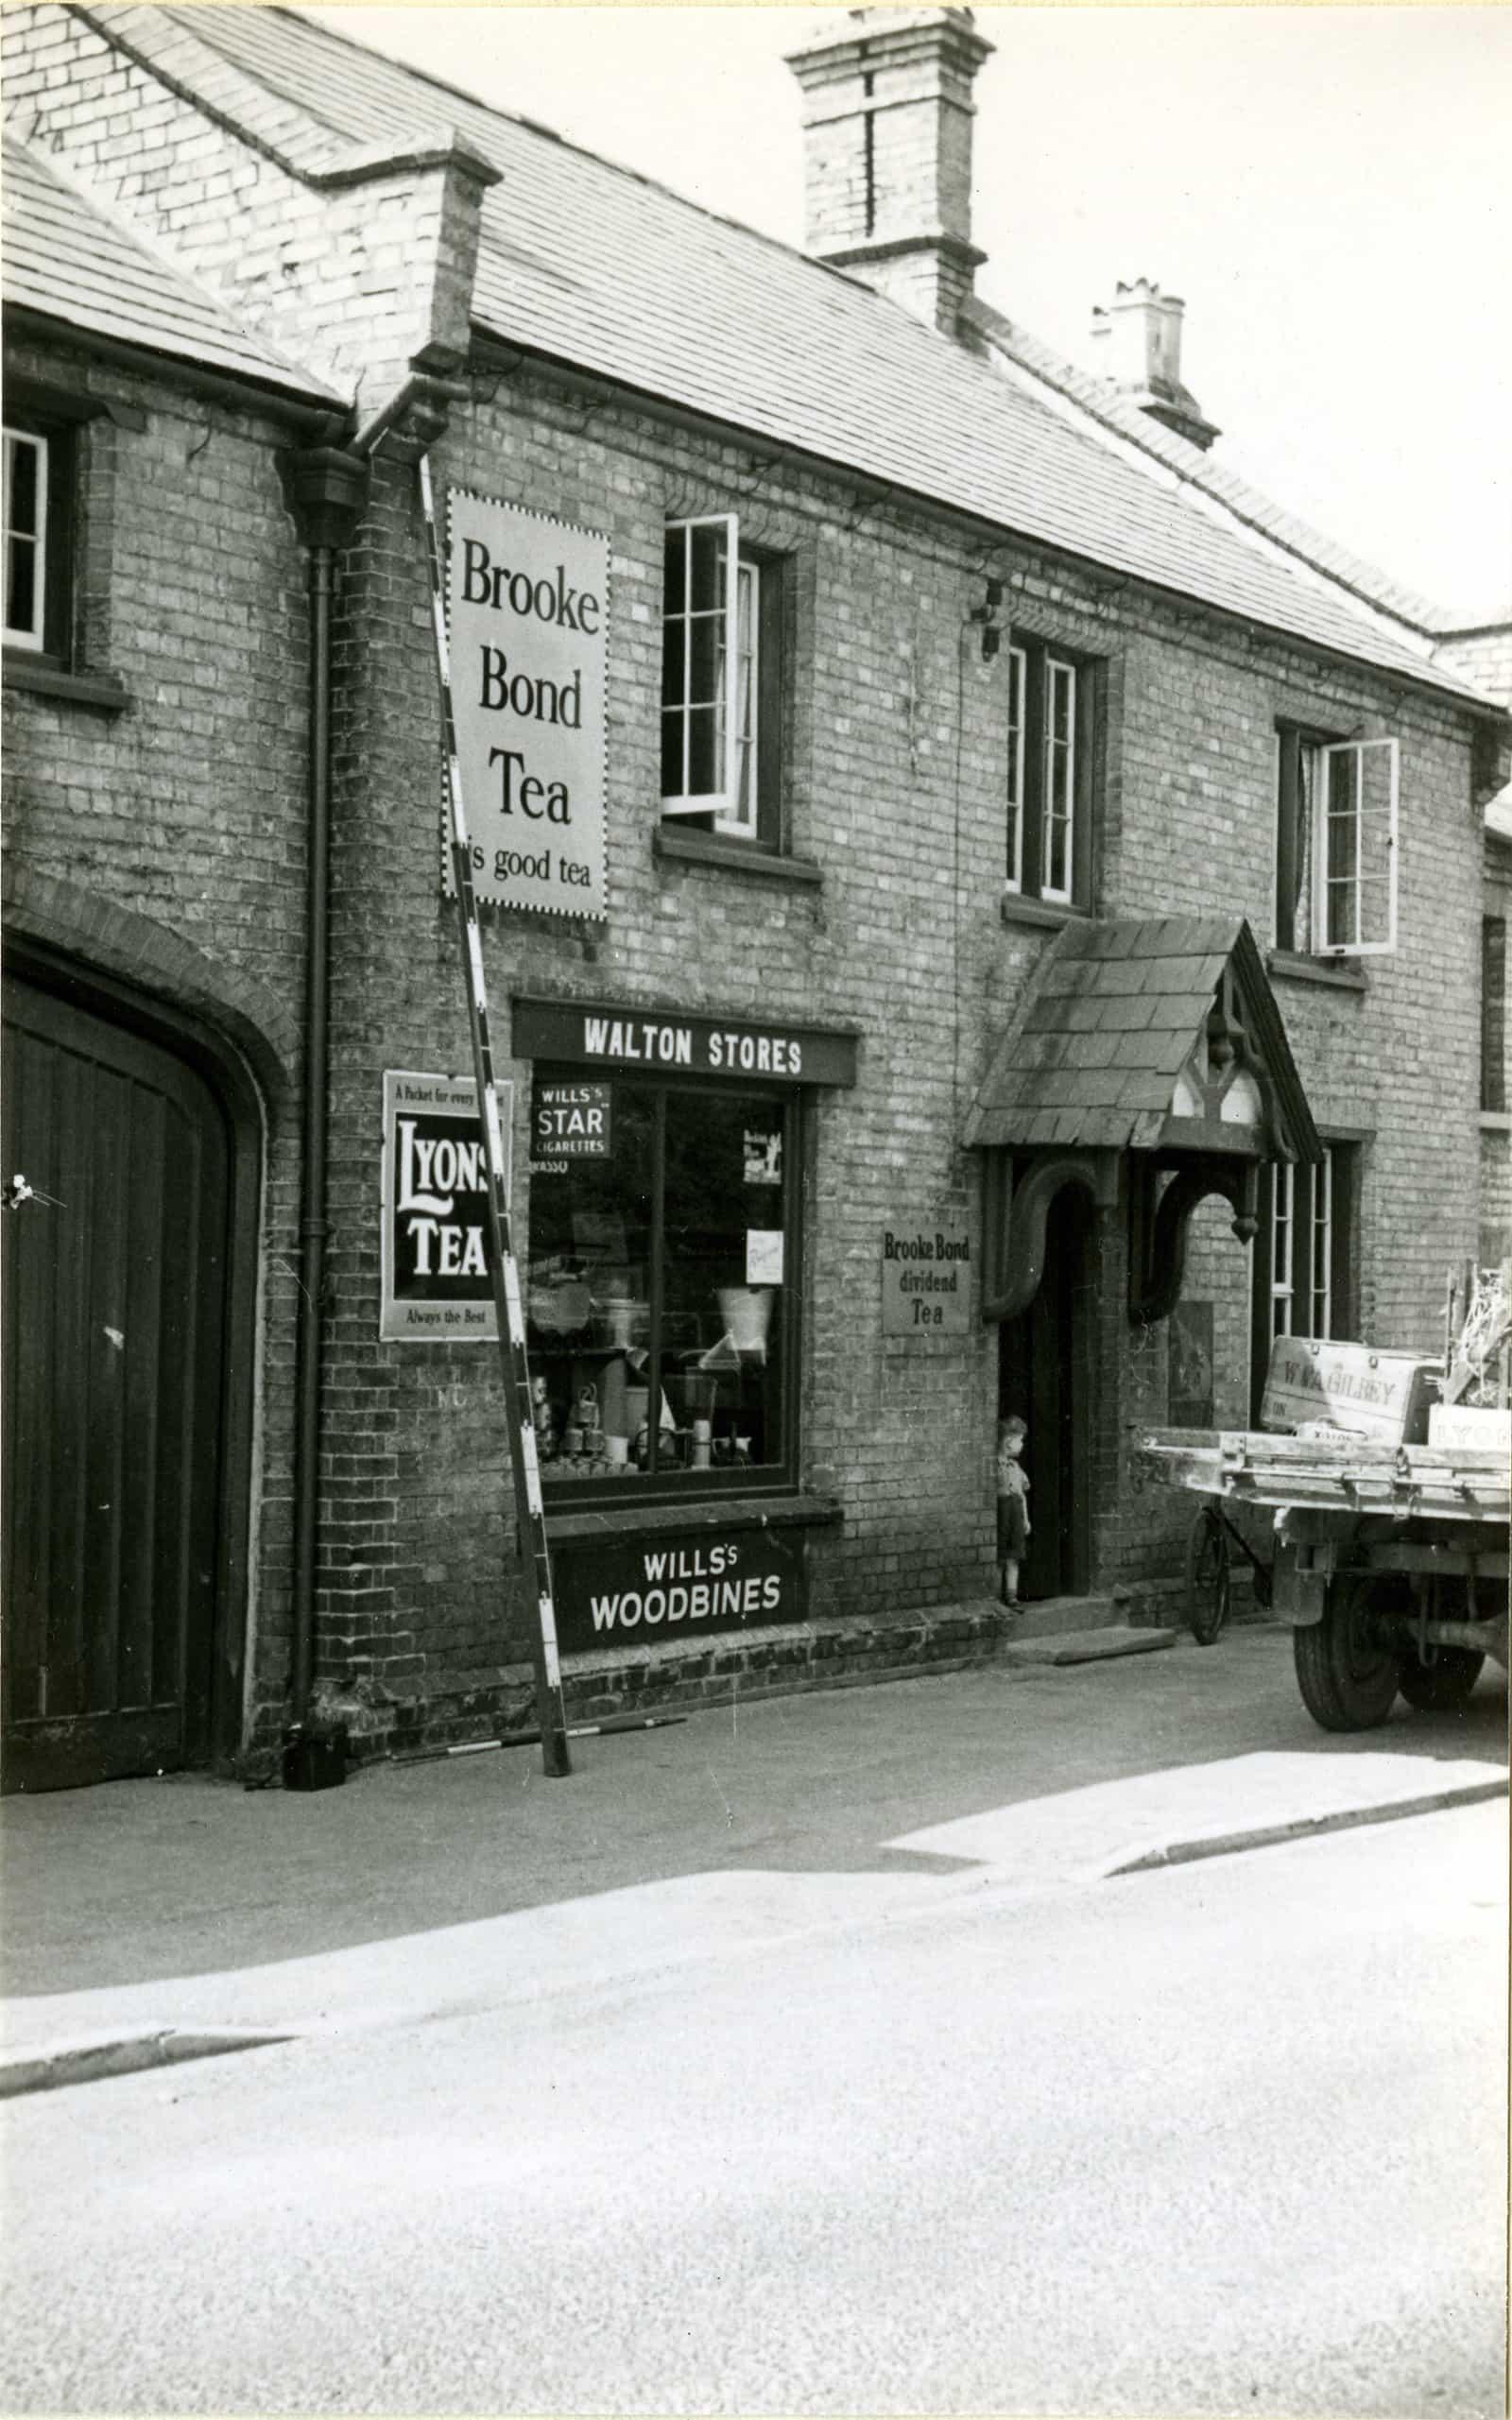 Walton Stores in Spaldwick